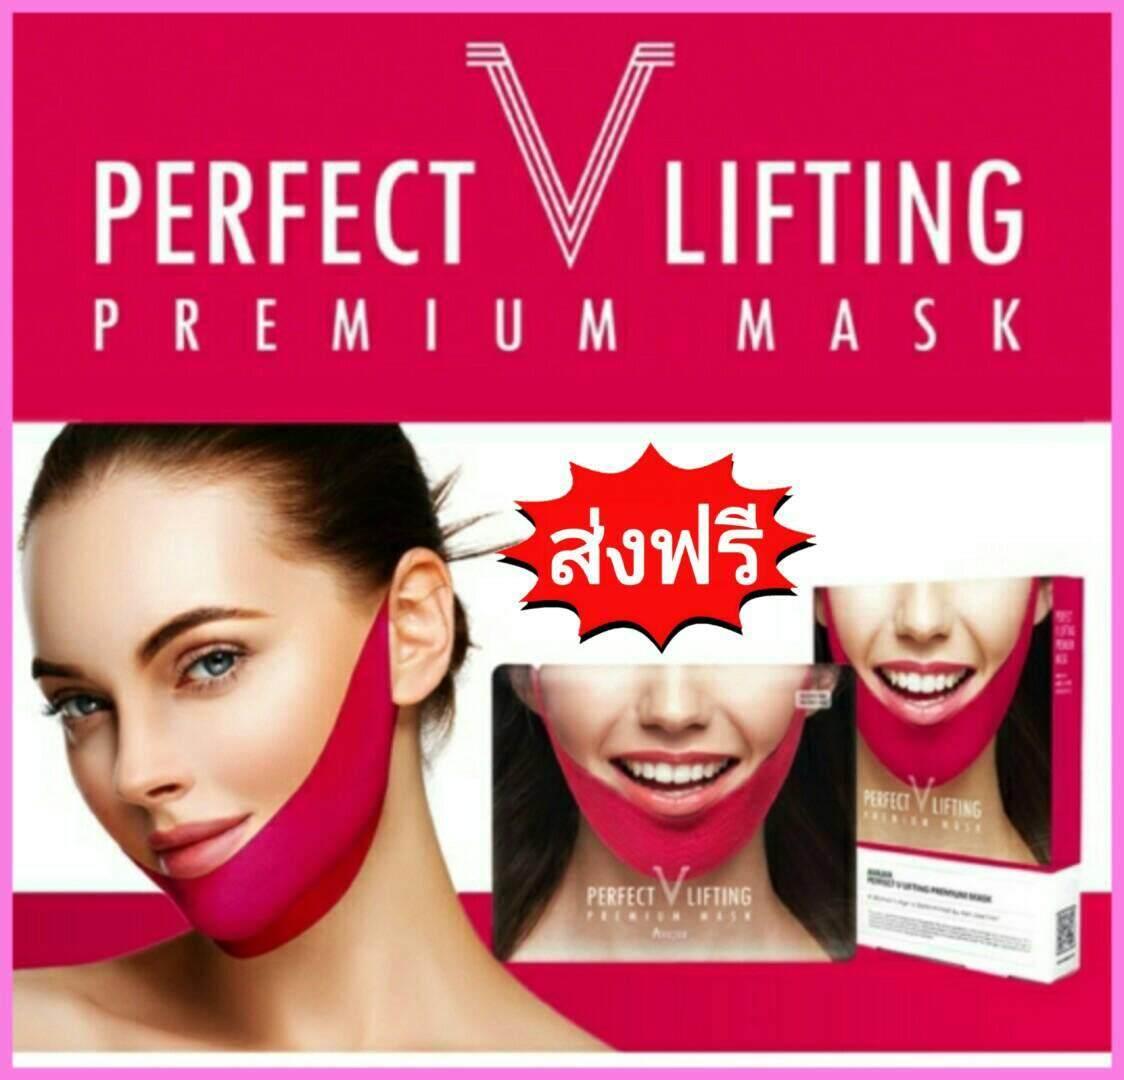 ( ของแท้ จากเกาหลี ) Avajar 's Perfect V Lifting Premium Mask สายรัดหน้าเรียว ที่รัดหน้าเรียว หน้าวีเชฟ ผ้ารัดหน้าเรียว เก็บเหนียง ยกกระชับหน้า ลดแก้มหน้าเรียว ทำให้หน้าเรียว หน้าเล็ก หน้า v shape ปรับรูปหน้า ทำหน้าเรียว ลดแก้ม